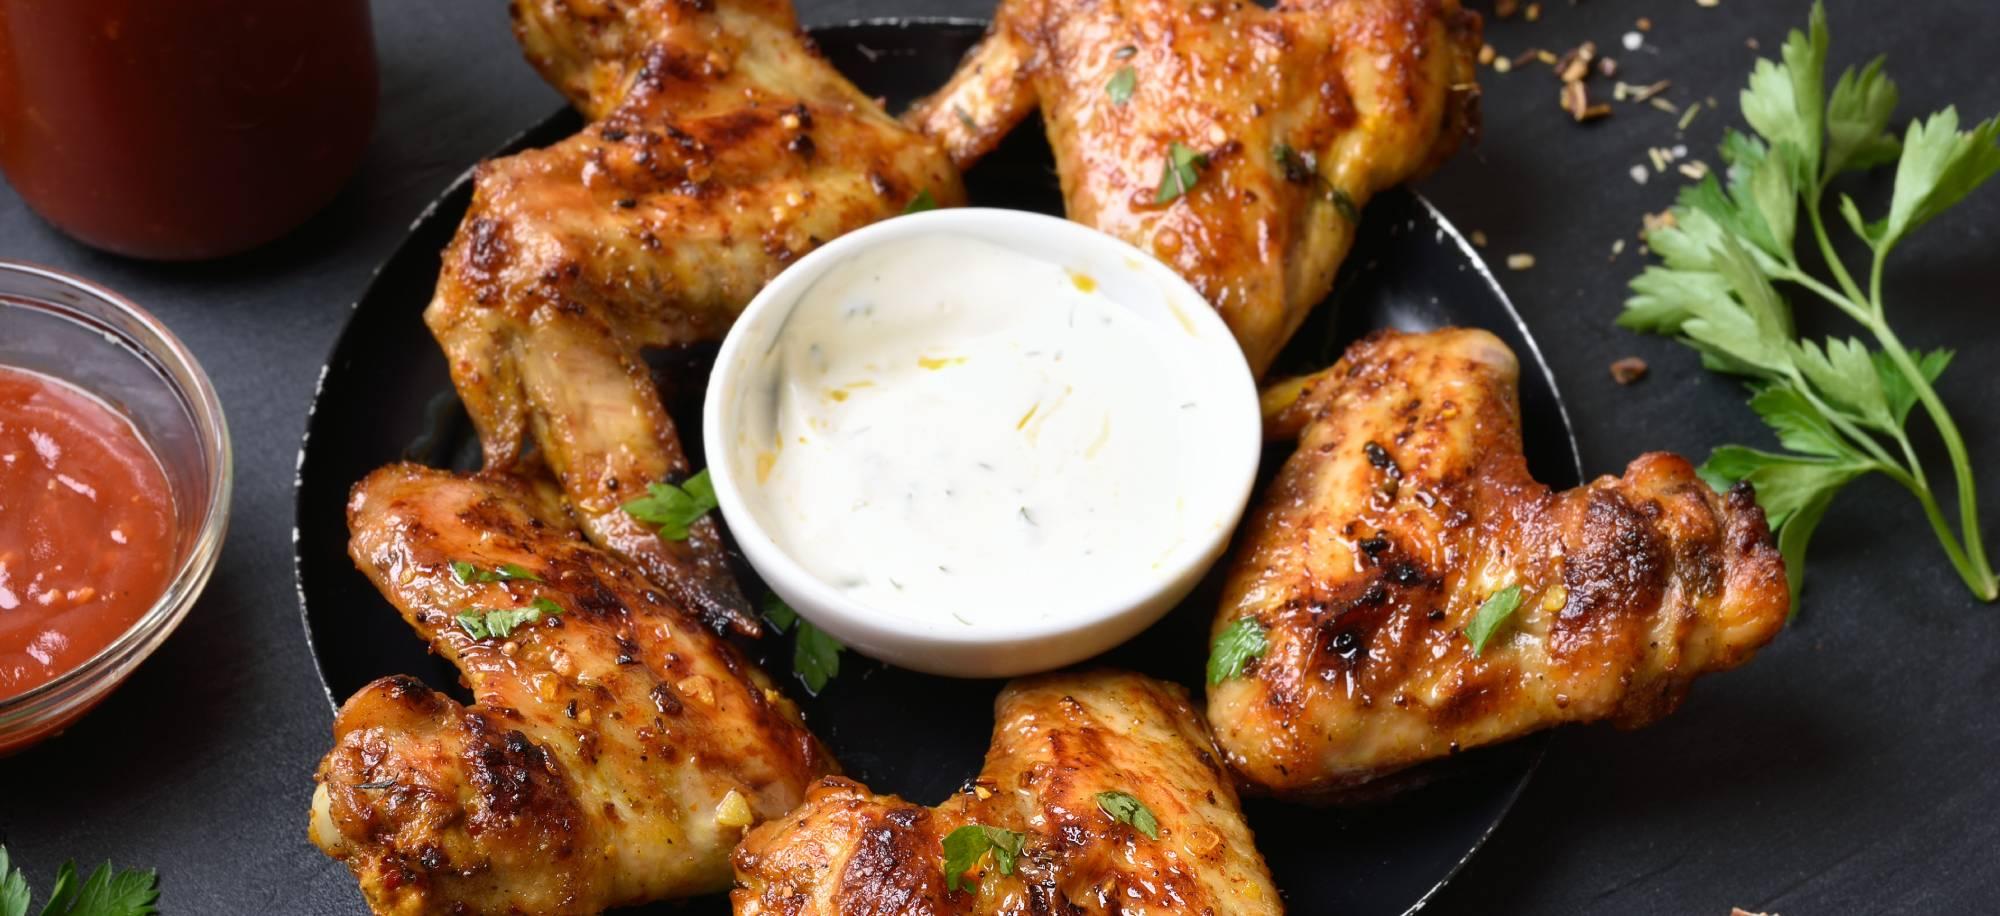 Ailes de poulet au barbecue